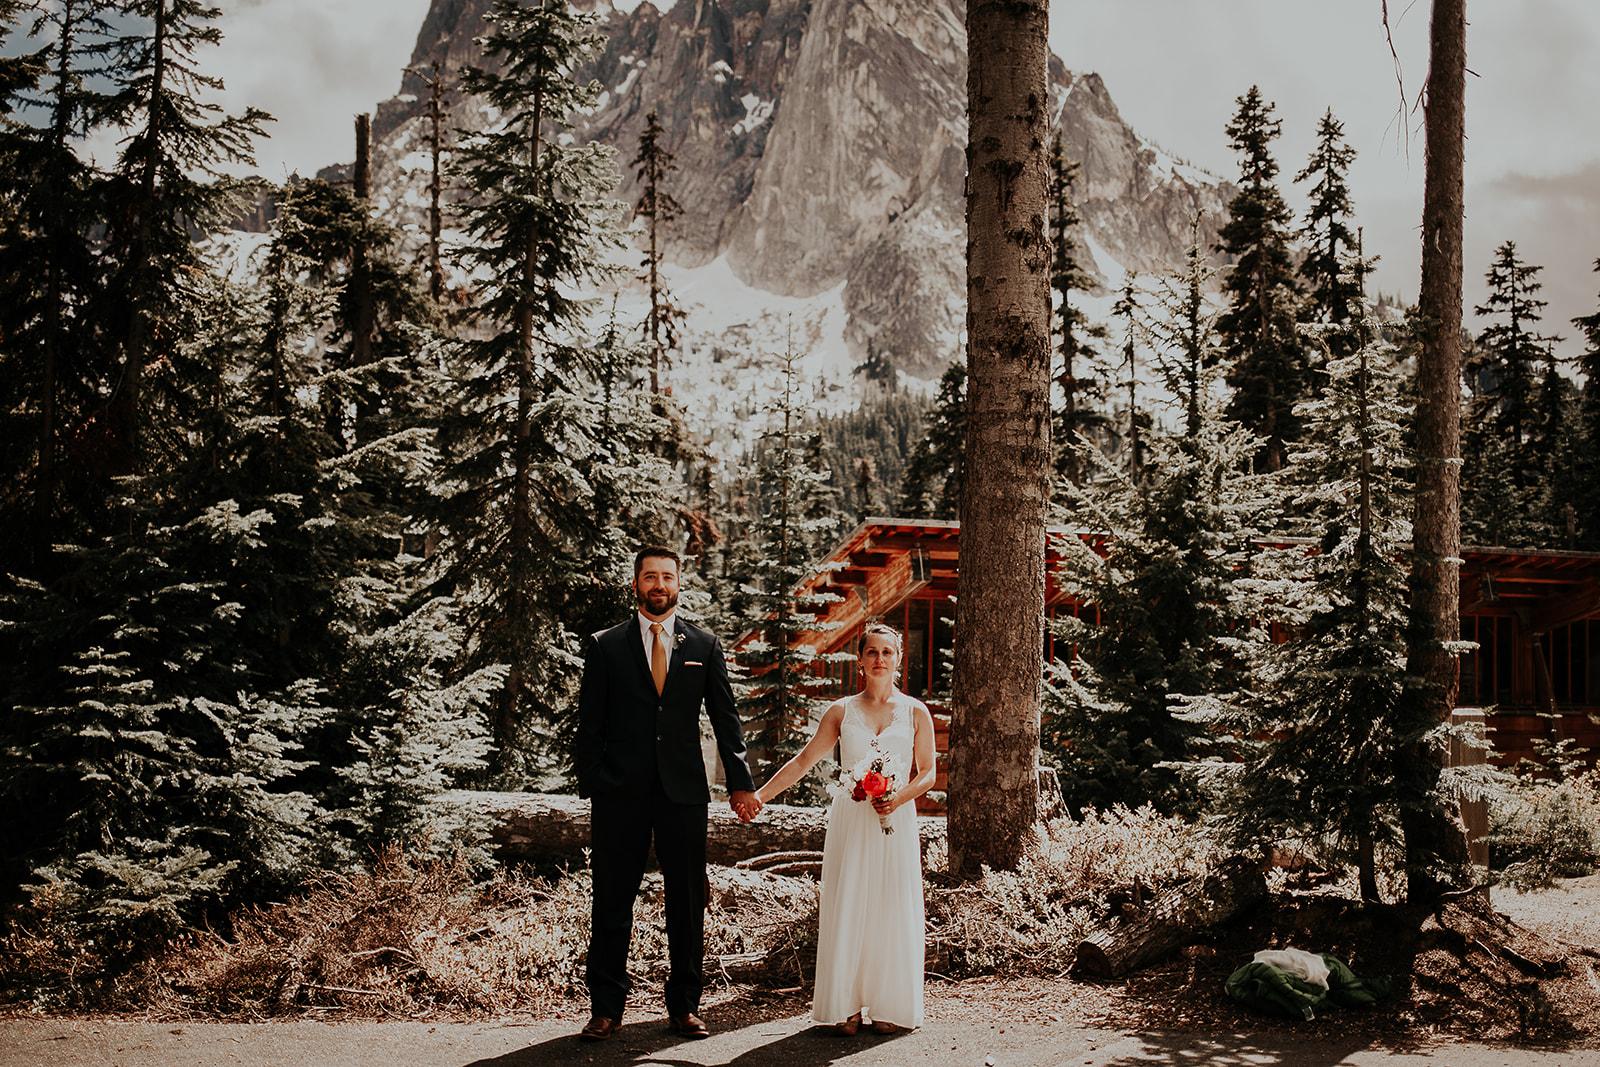 lisaandzack-north-cascades-elopement-wedding-megan-gallagher-photogarphy (19).jpg